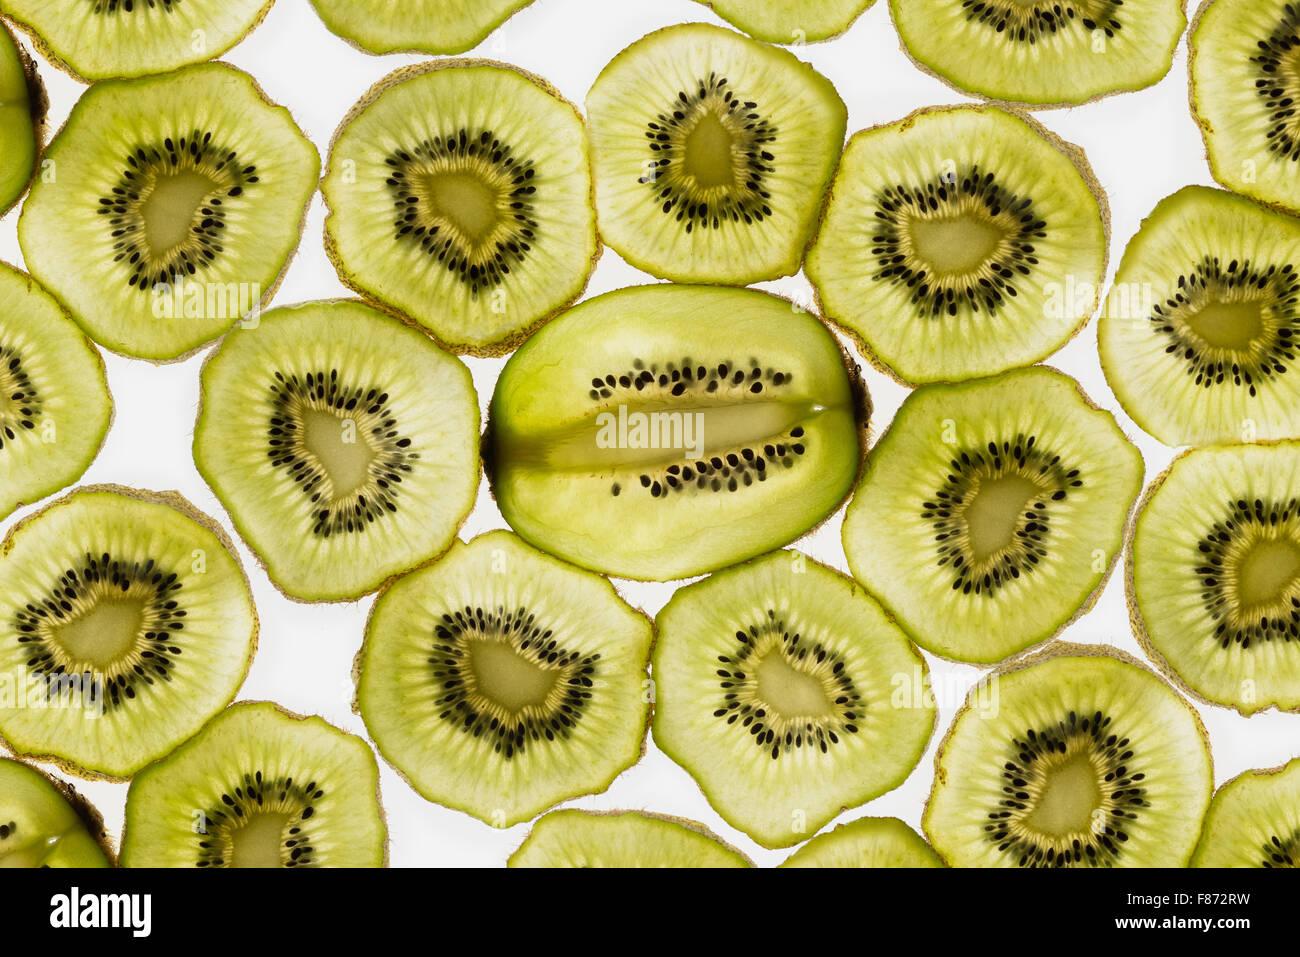 exotische Kiwi Frucht Hintergrundbeleuchtung im Studio geschnitten quer- und längs-Abschnitte zeigen interne Stockbild